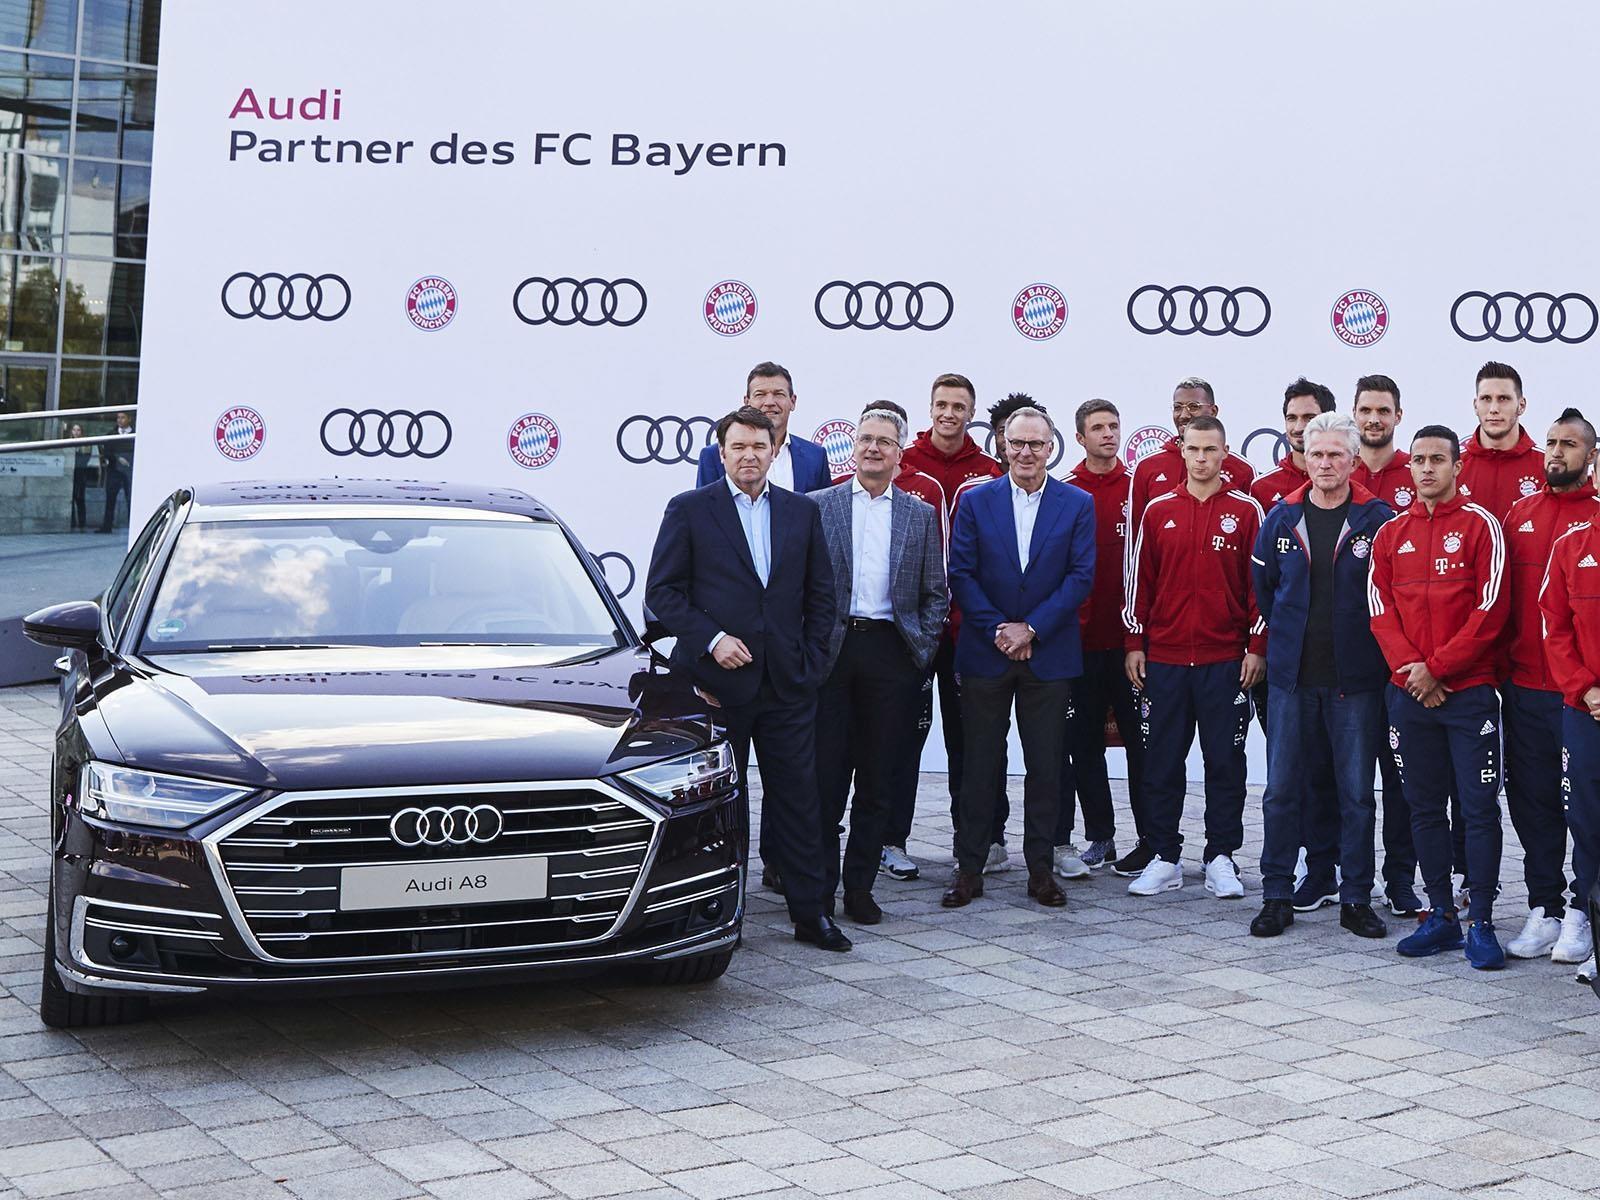 Los jugadores del Bayern Münich se dieron una vuelta por Audi